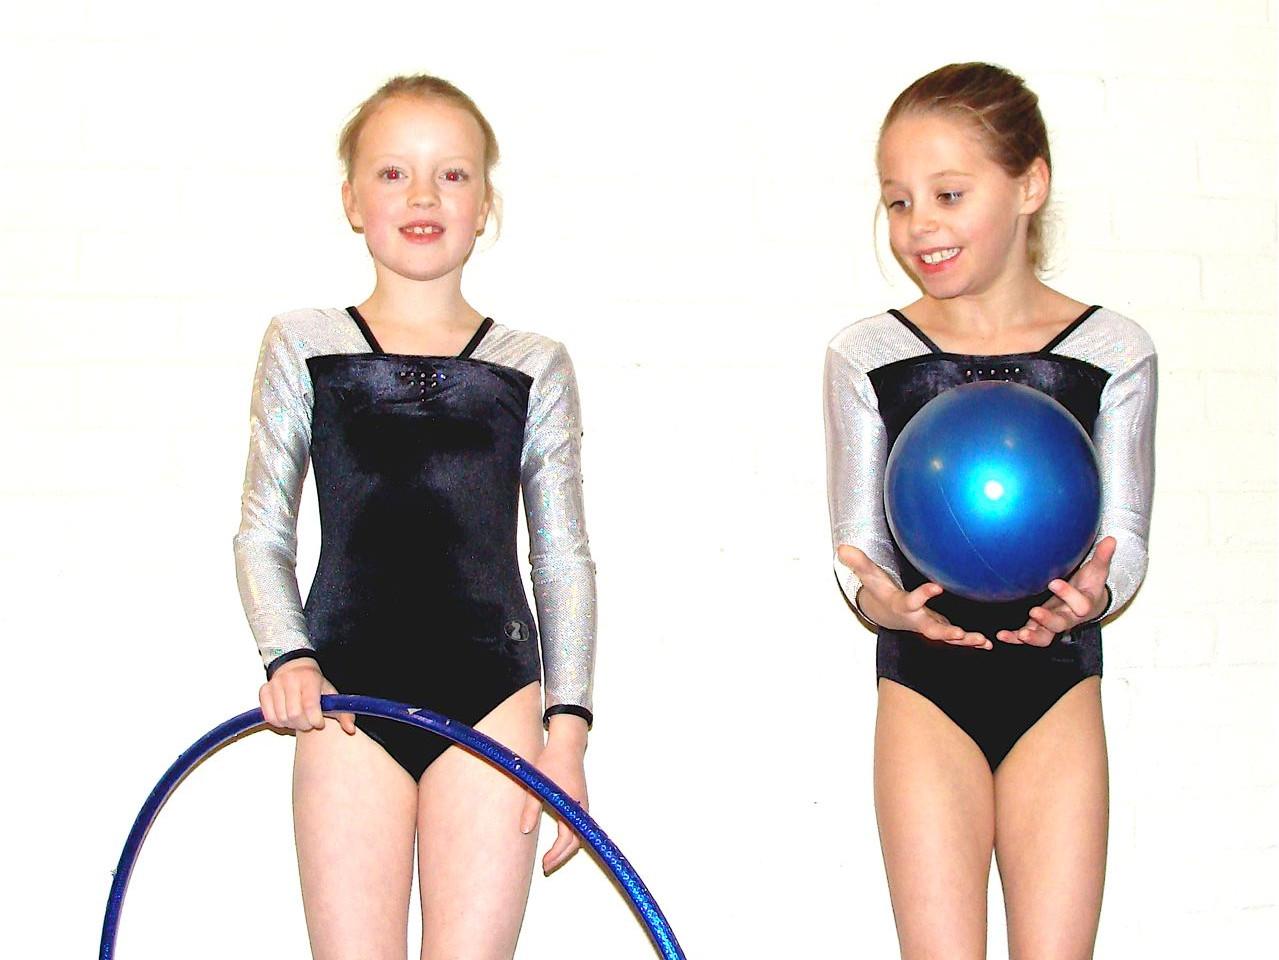 Sponte Sua Gym -Rhythmic Gymnastics-